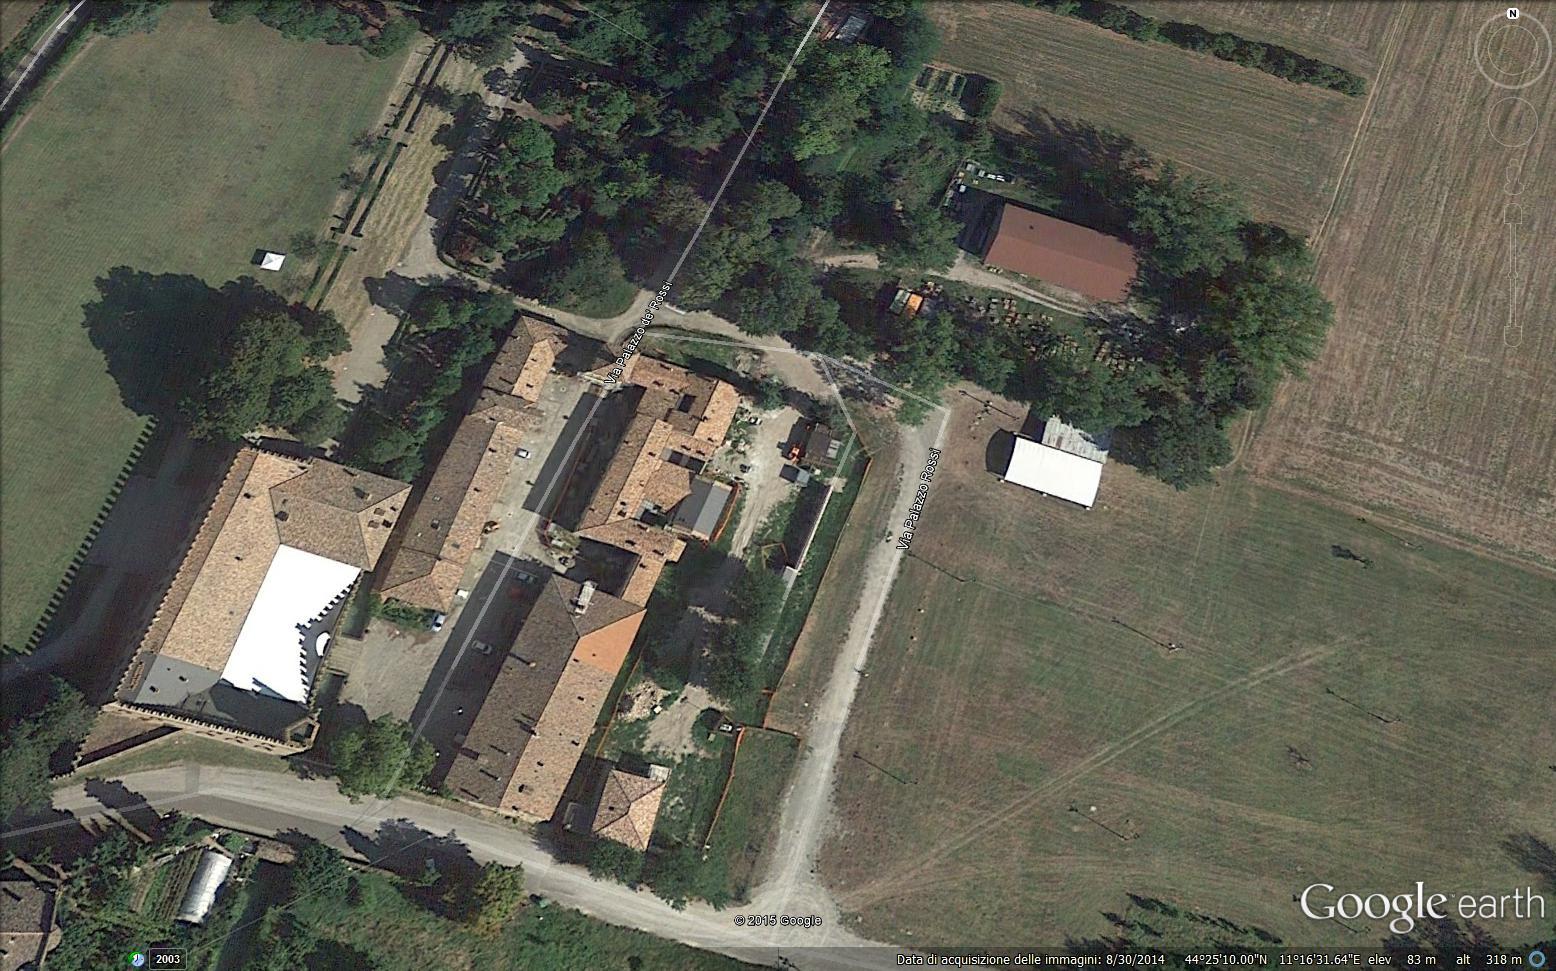 Veduta dell'area satellitare anni 2000 posta a est del Borgo di Palazzo Rossi (google map)